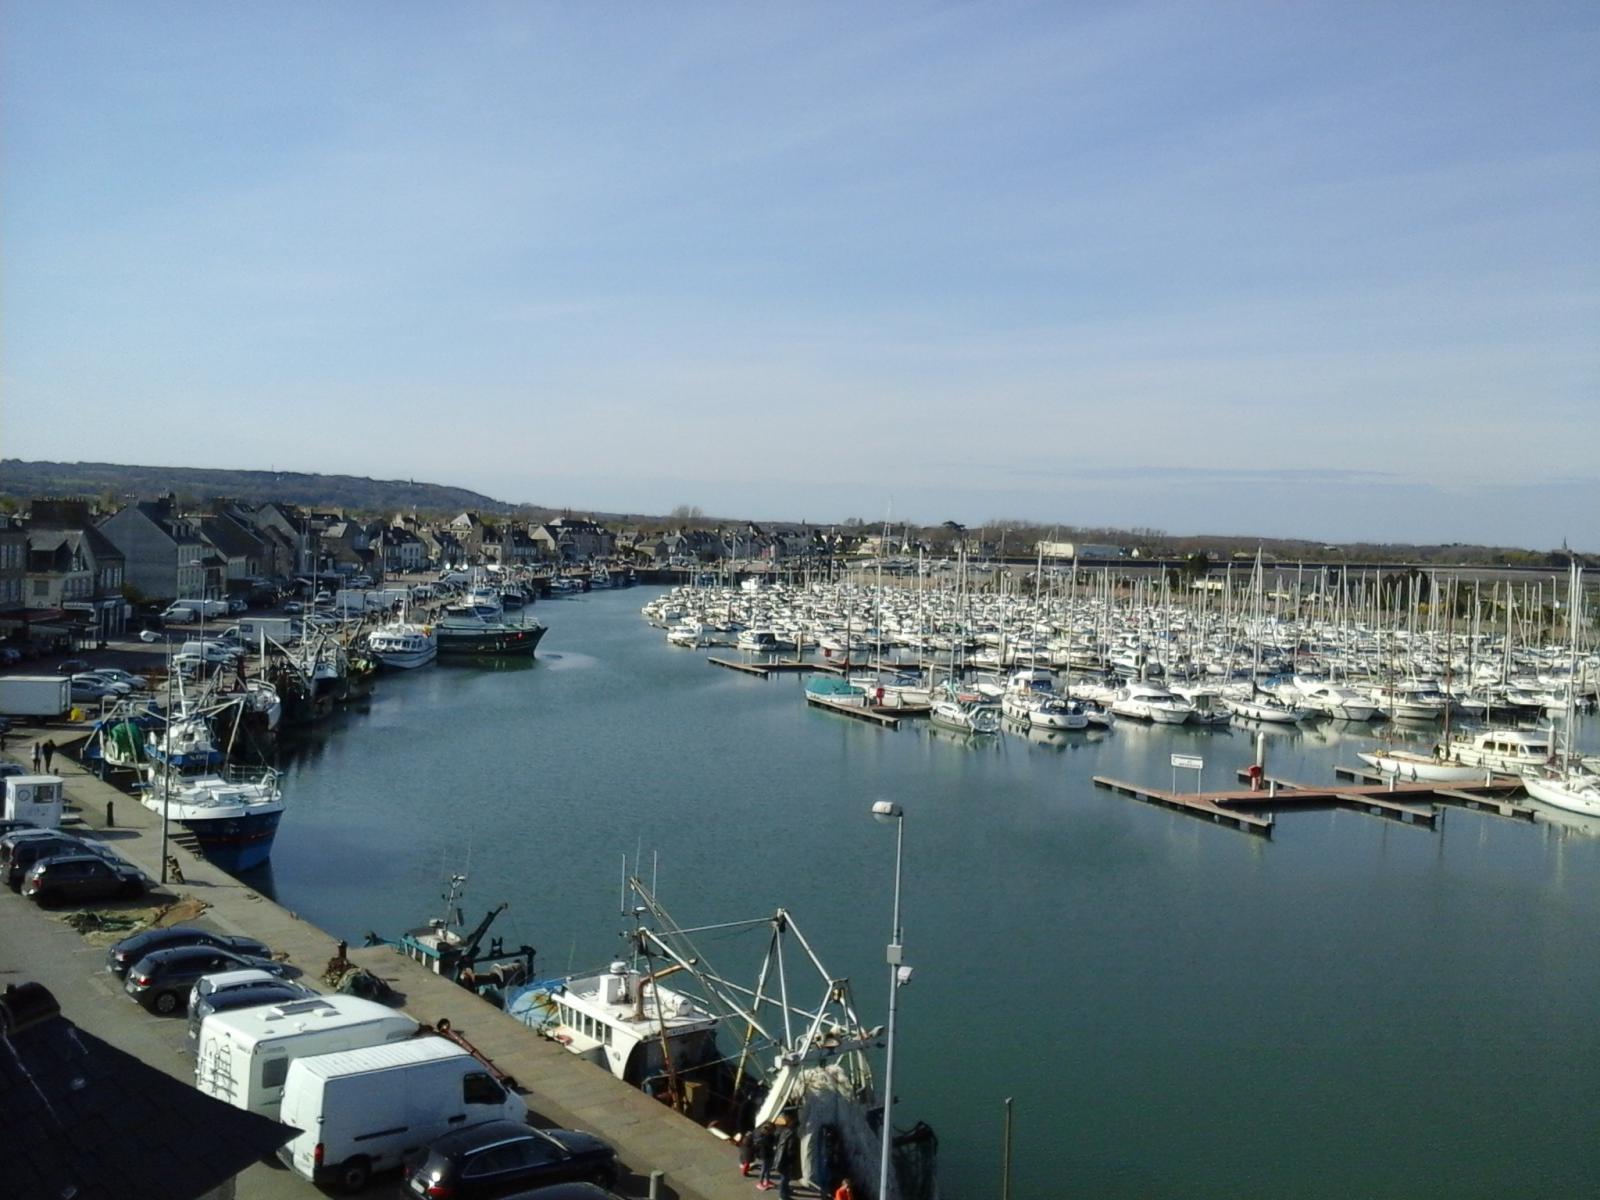 Image n°6 du gîte de mer : Le port de Saint-Vaast-la-Hougue